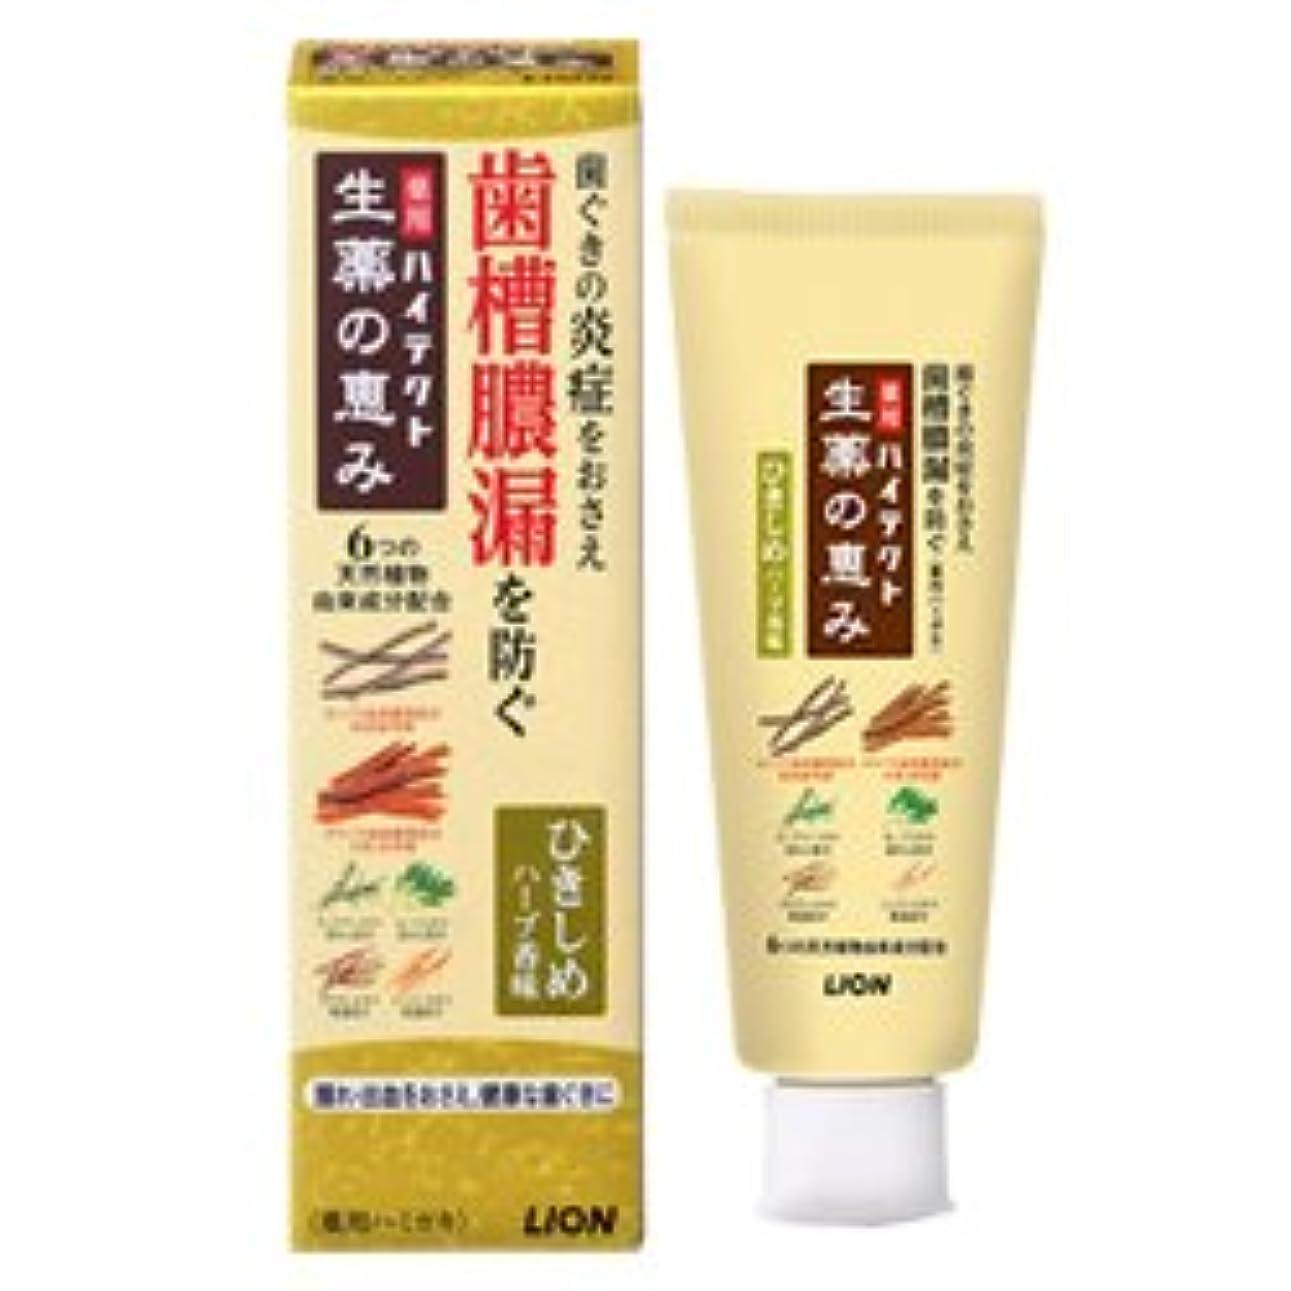 強います有望率直な【ライオン】ハイテクト 生薬の恵み ひきしめハーブ香味90g×5個セット